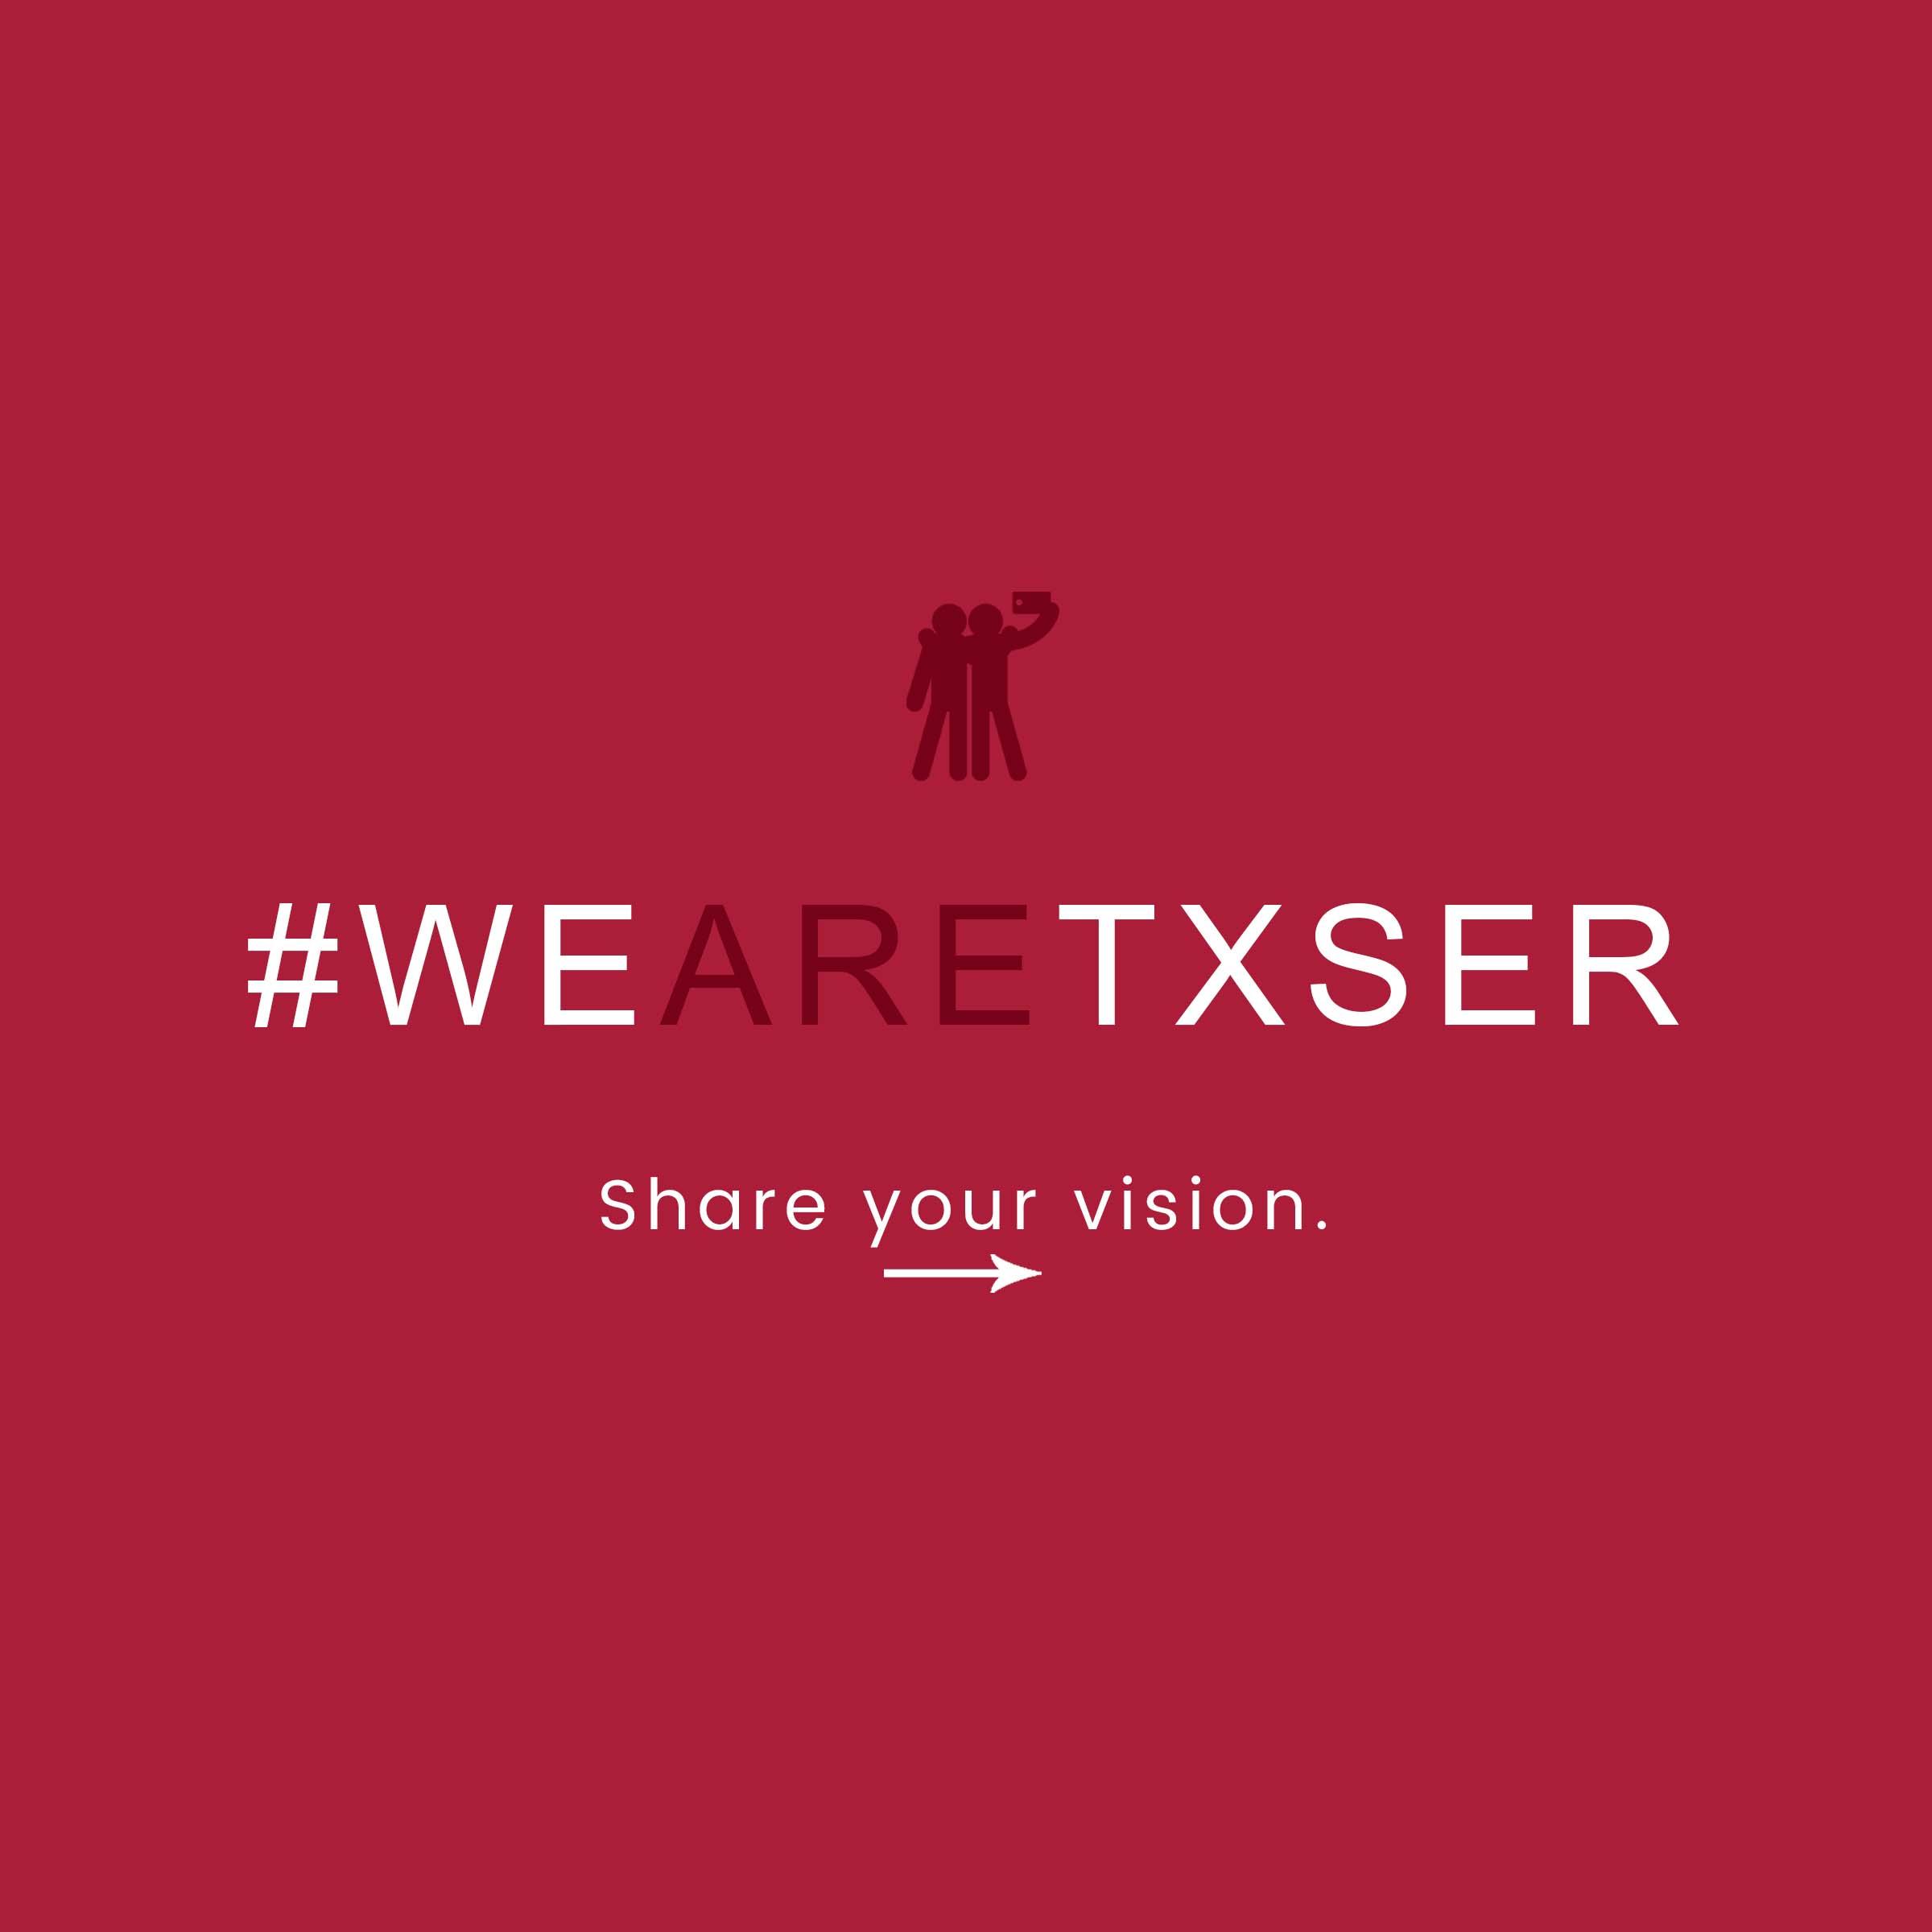 #WEARETXSER